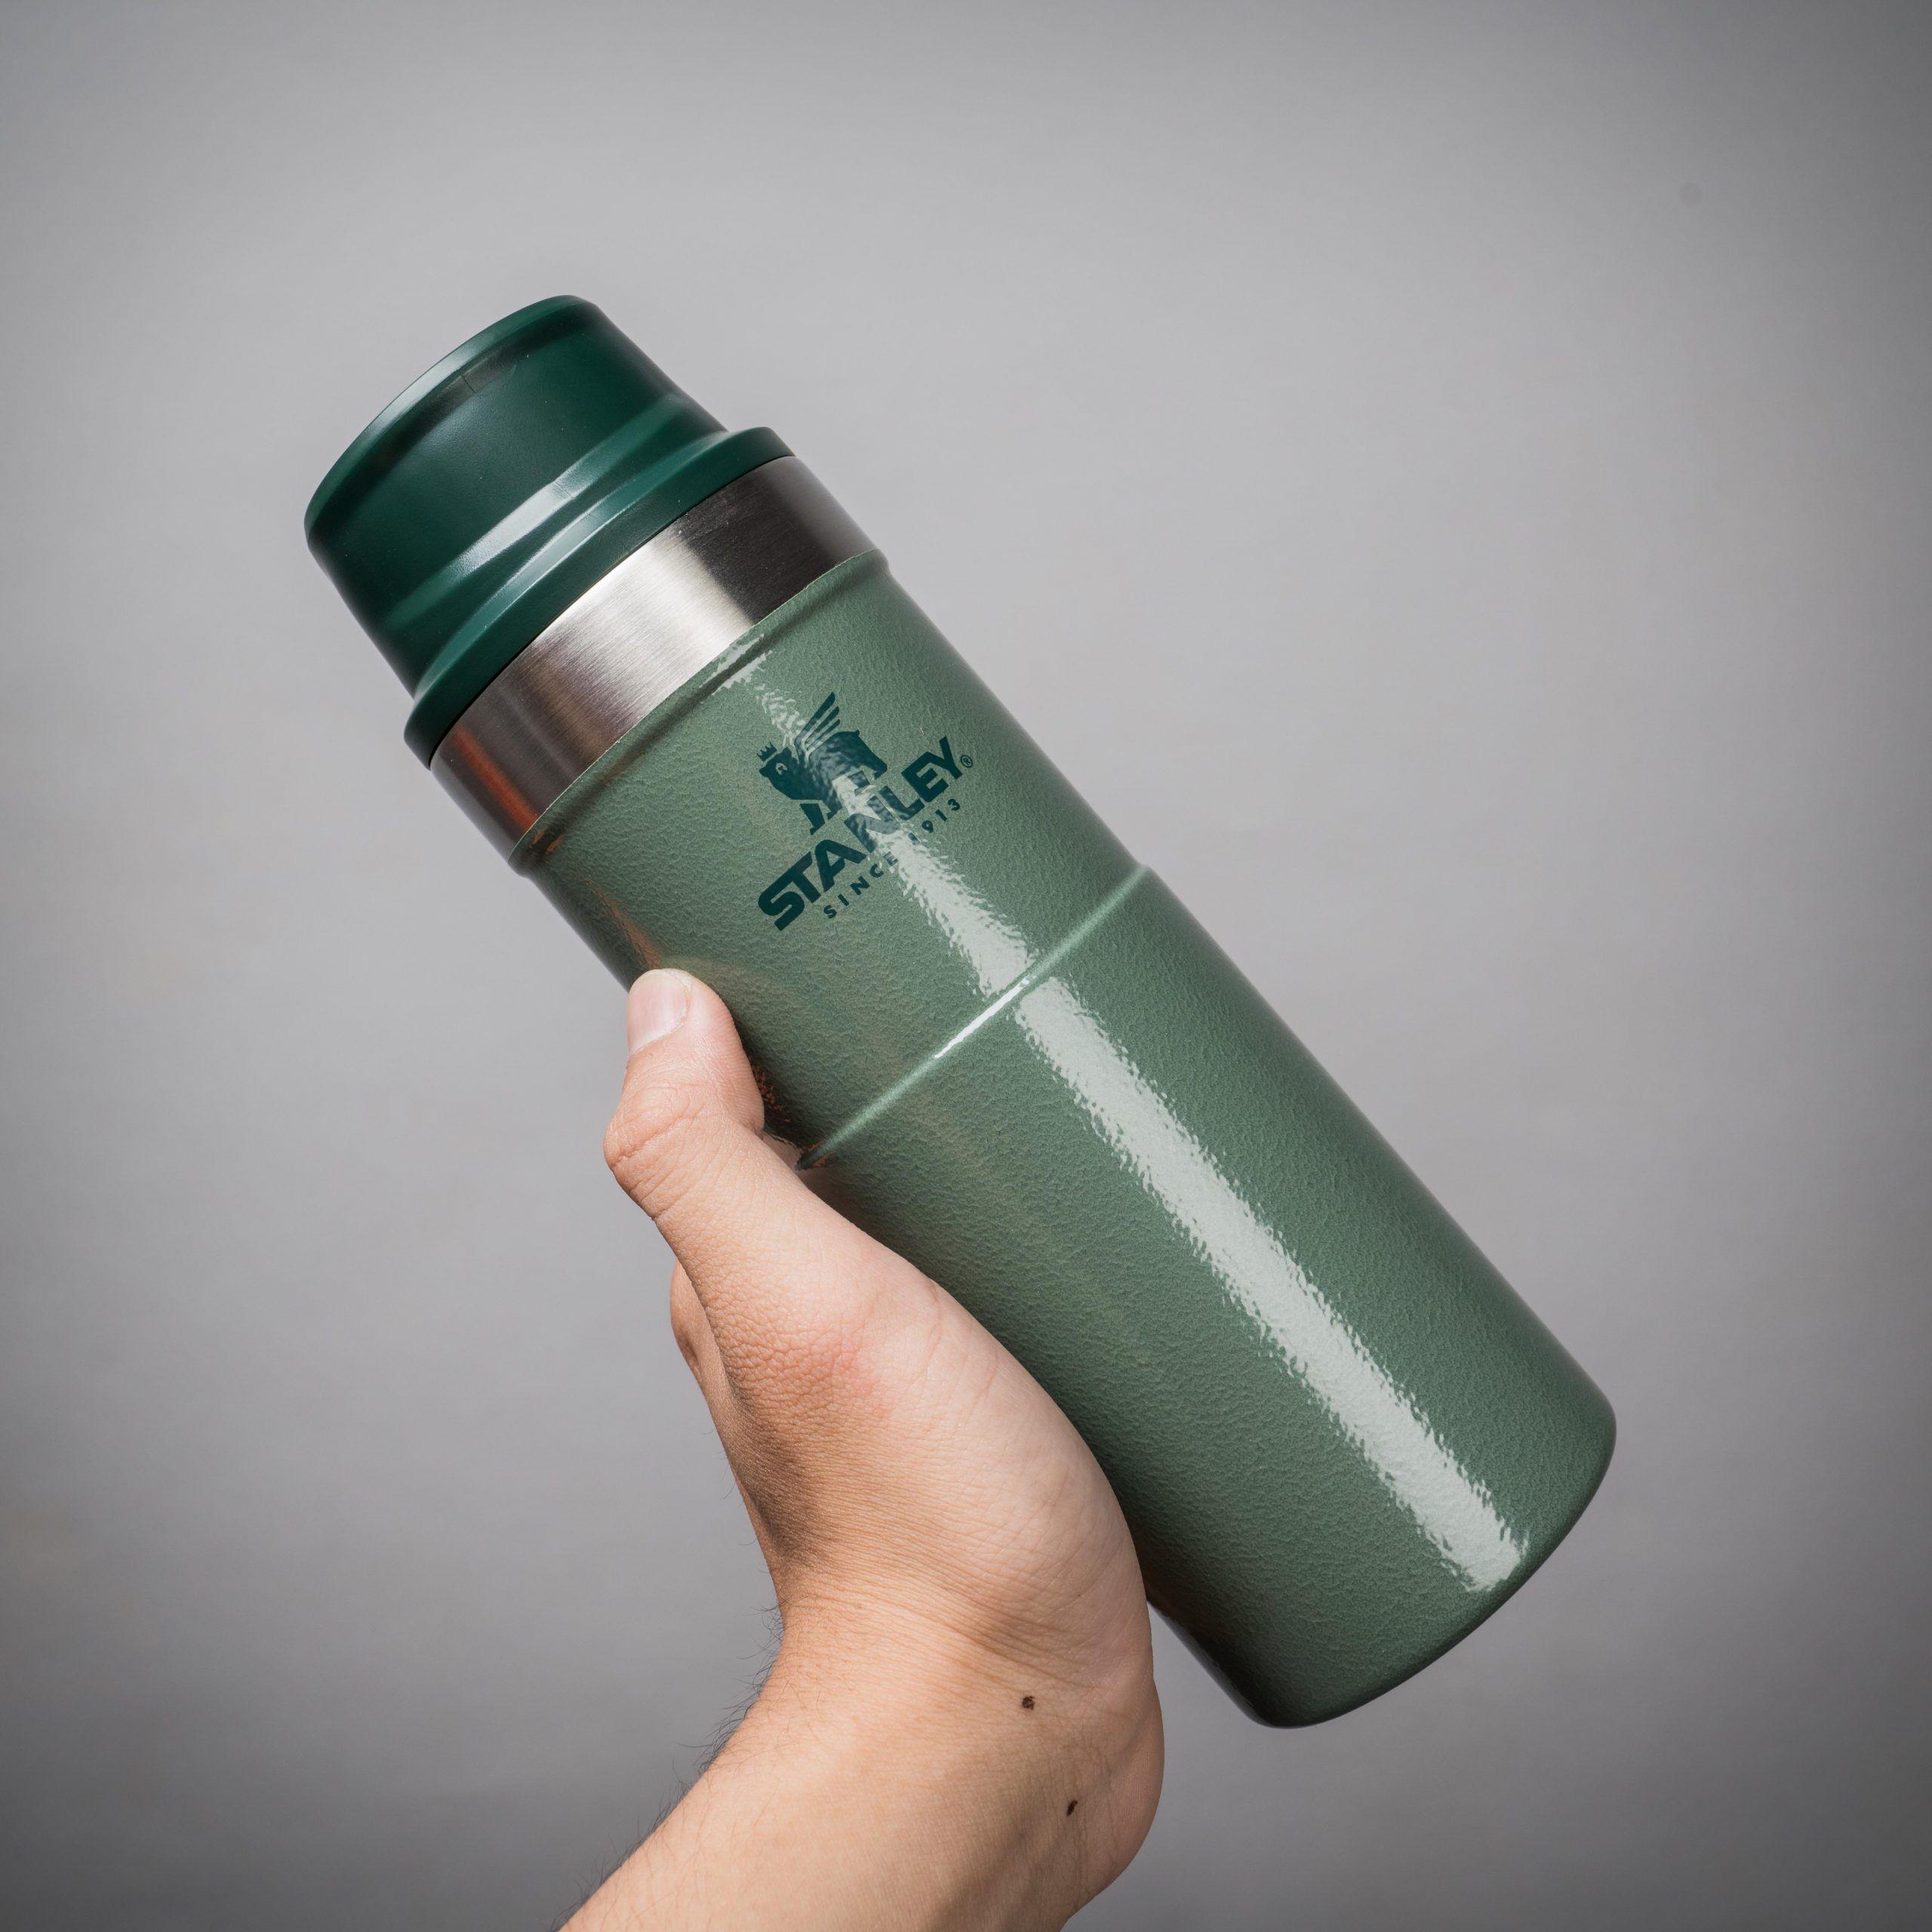 Stanley Bình giữ nhiệt Classic Trigger Action Travel Mug 16oz | 470ml -  Green